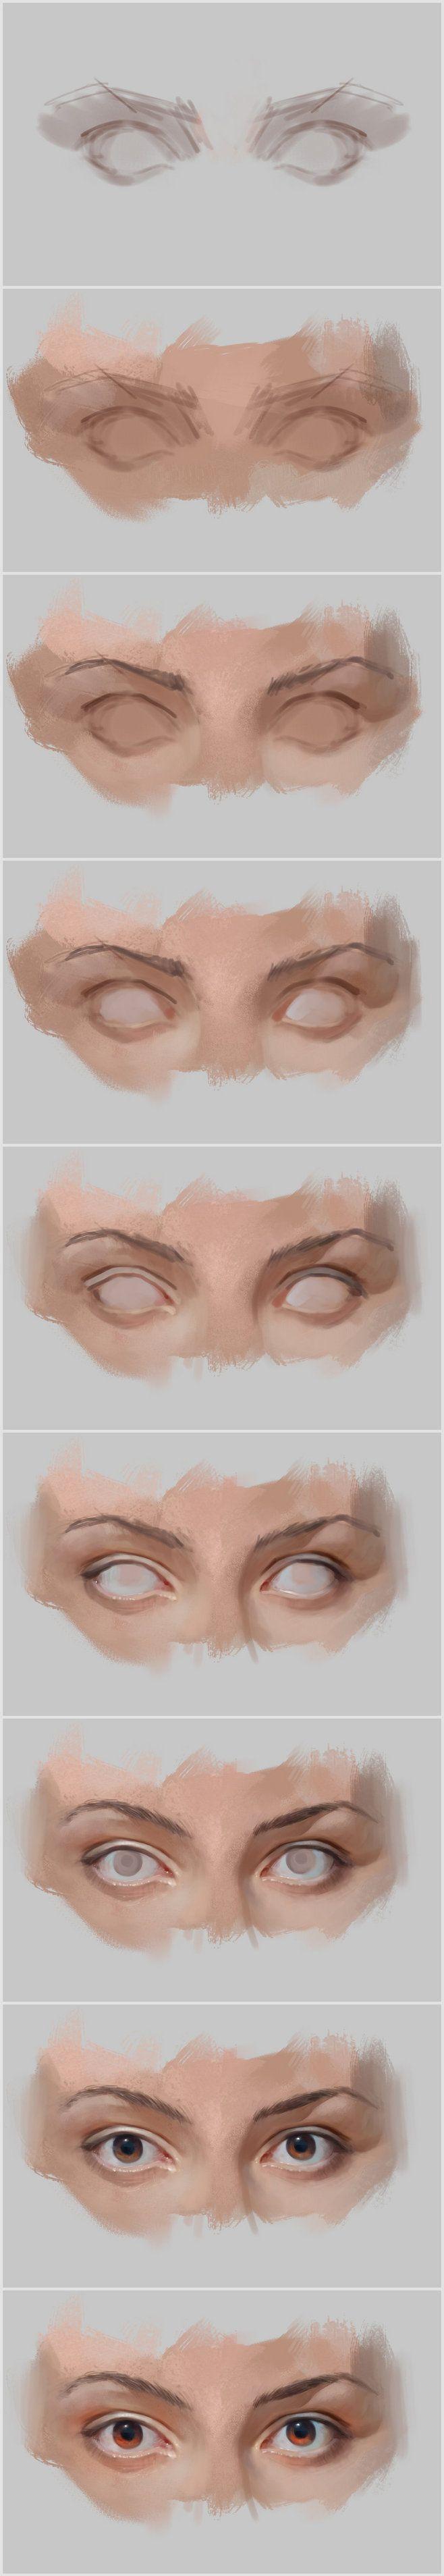 Eyes by vladgheneli ...